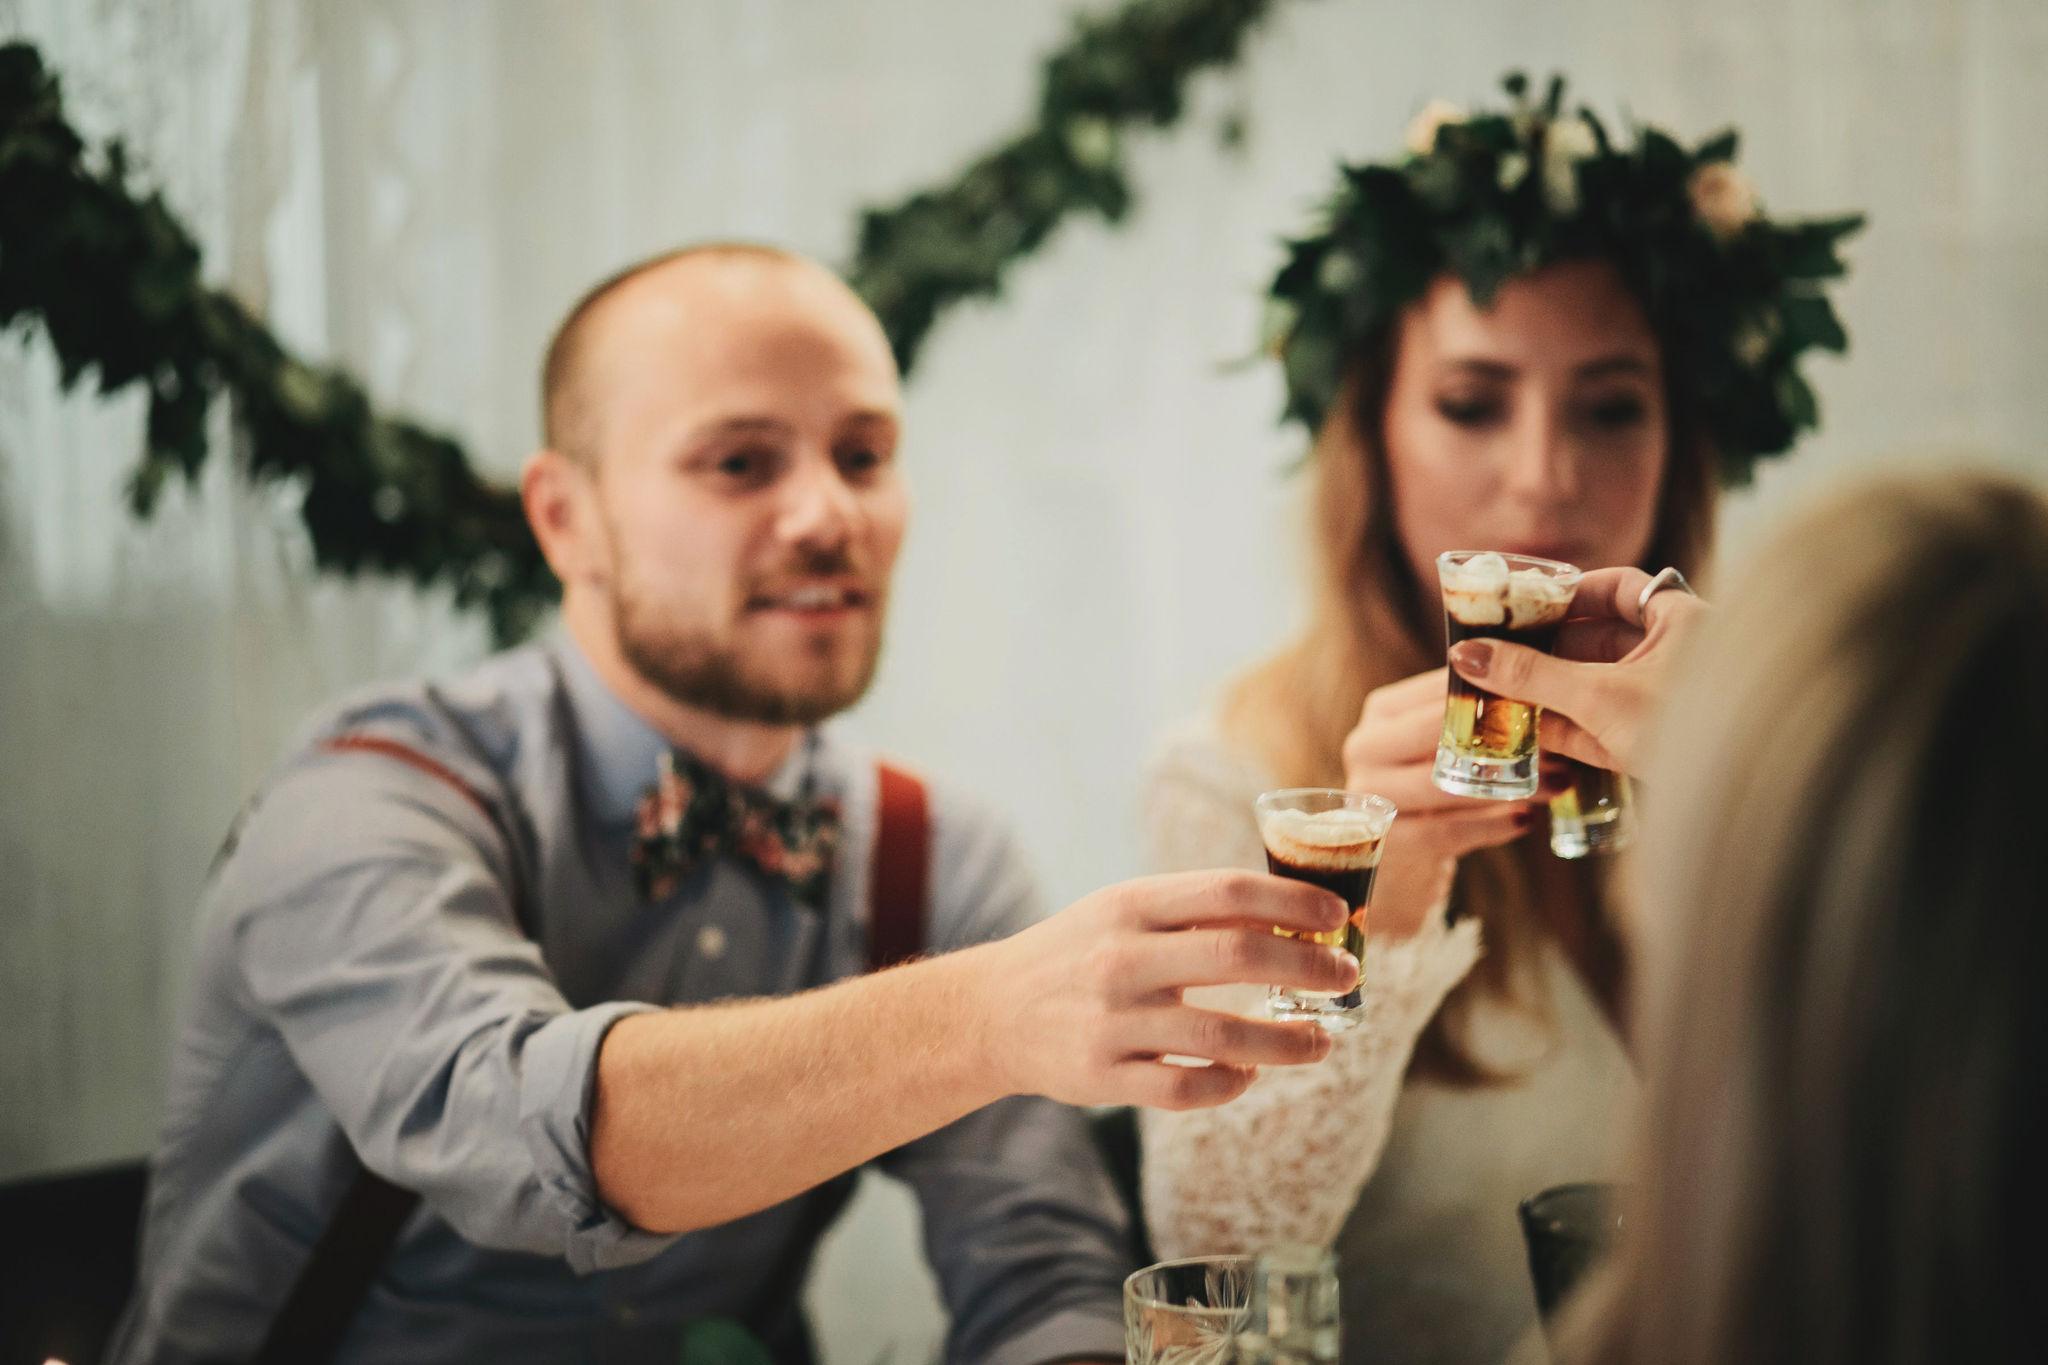 Bröllop+berättelse+brudpar+lantligt+skåne